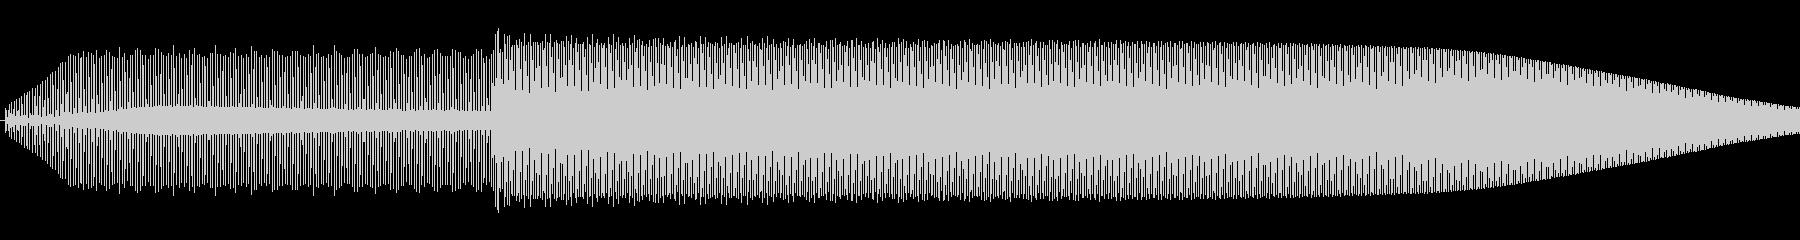 シンプルな決定音の未再生の波形